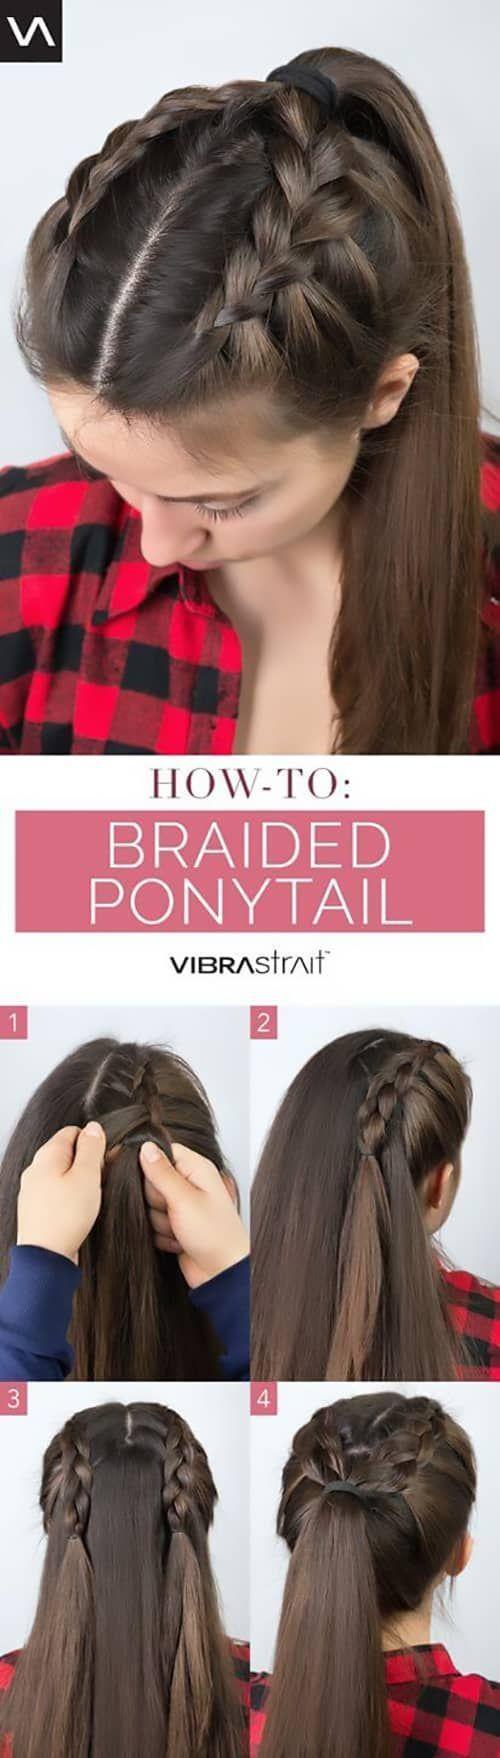 25 Inspirationen für geflochtenes Haar, die Sie ausprobieren müssen Es gibt im Internet keinen Mangel an guten Tutorials für geflochtenes Haar. Eine einfache ...